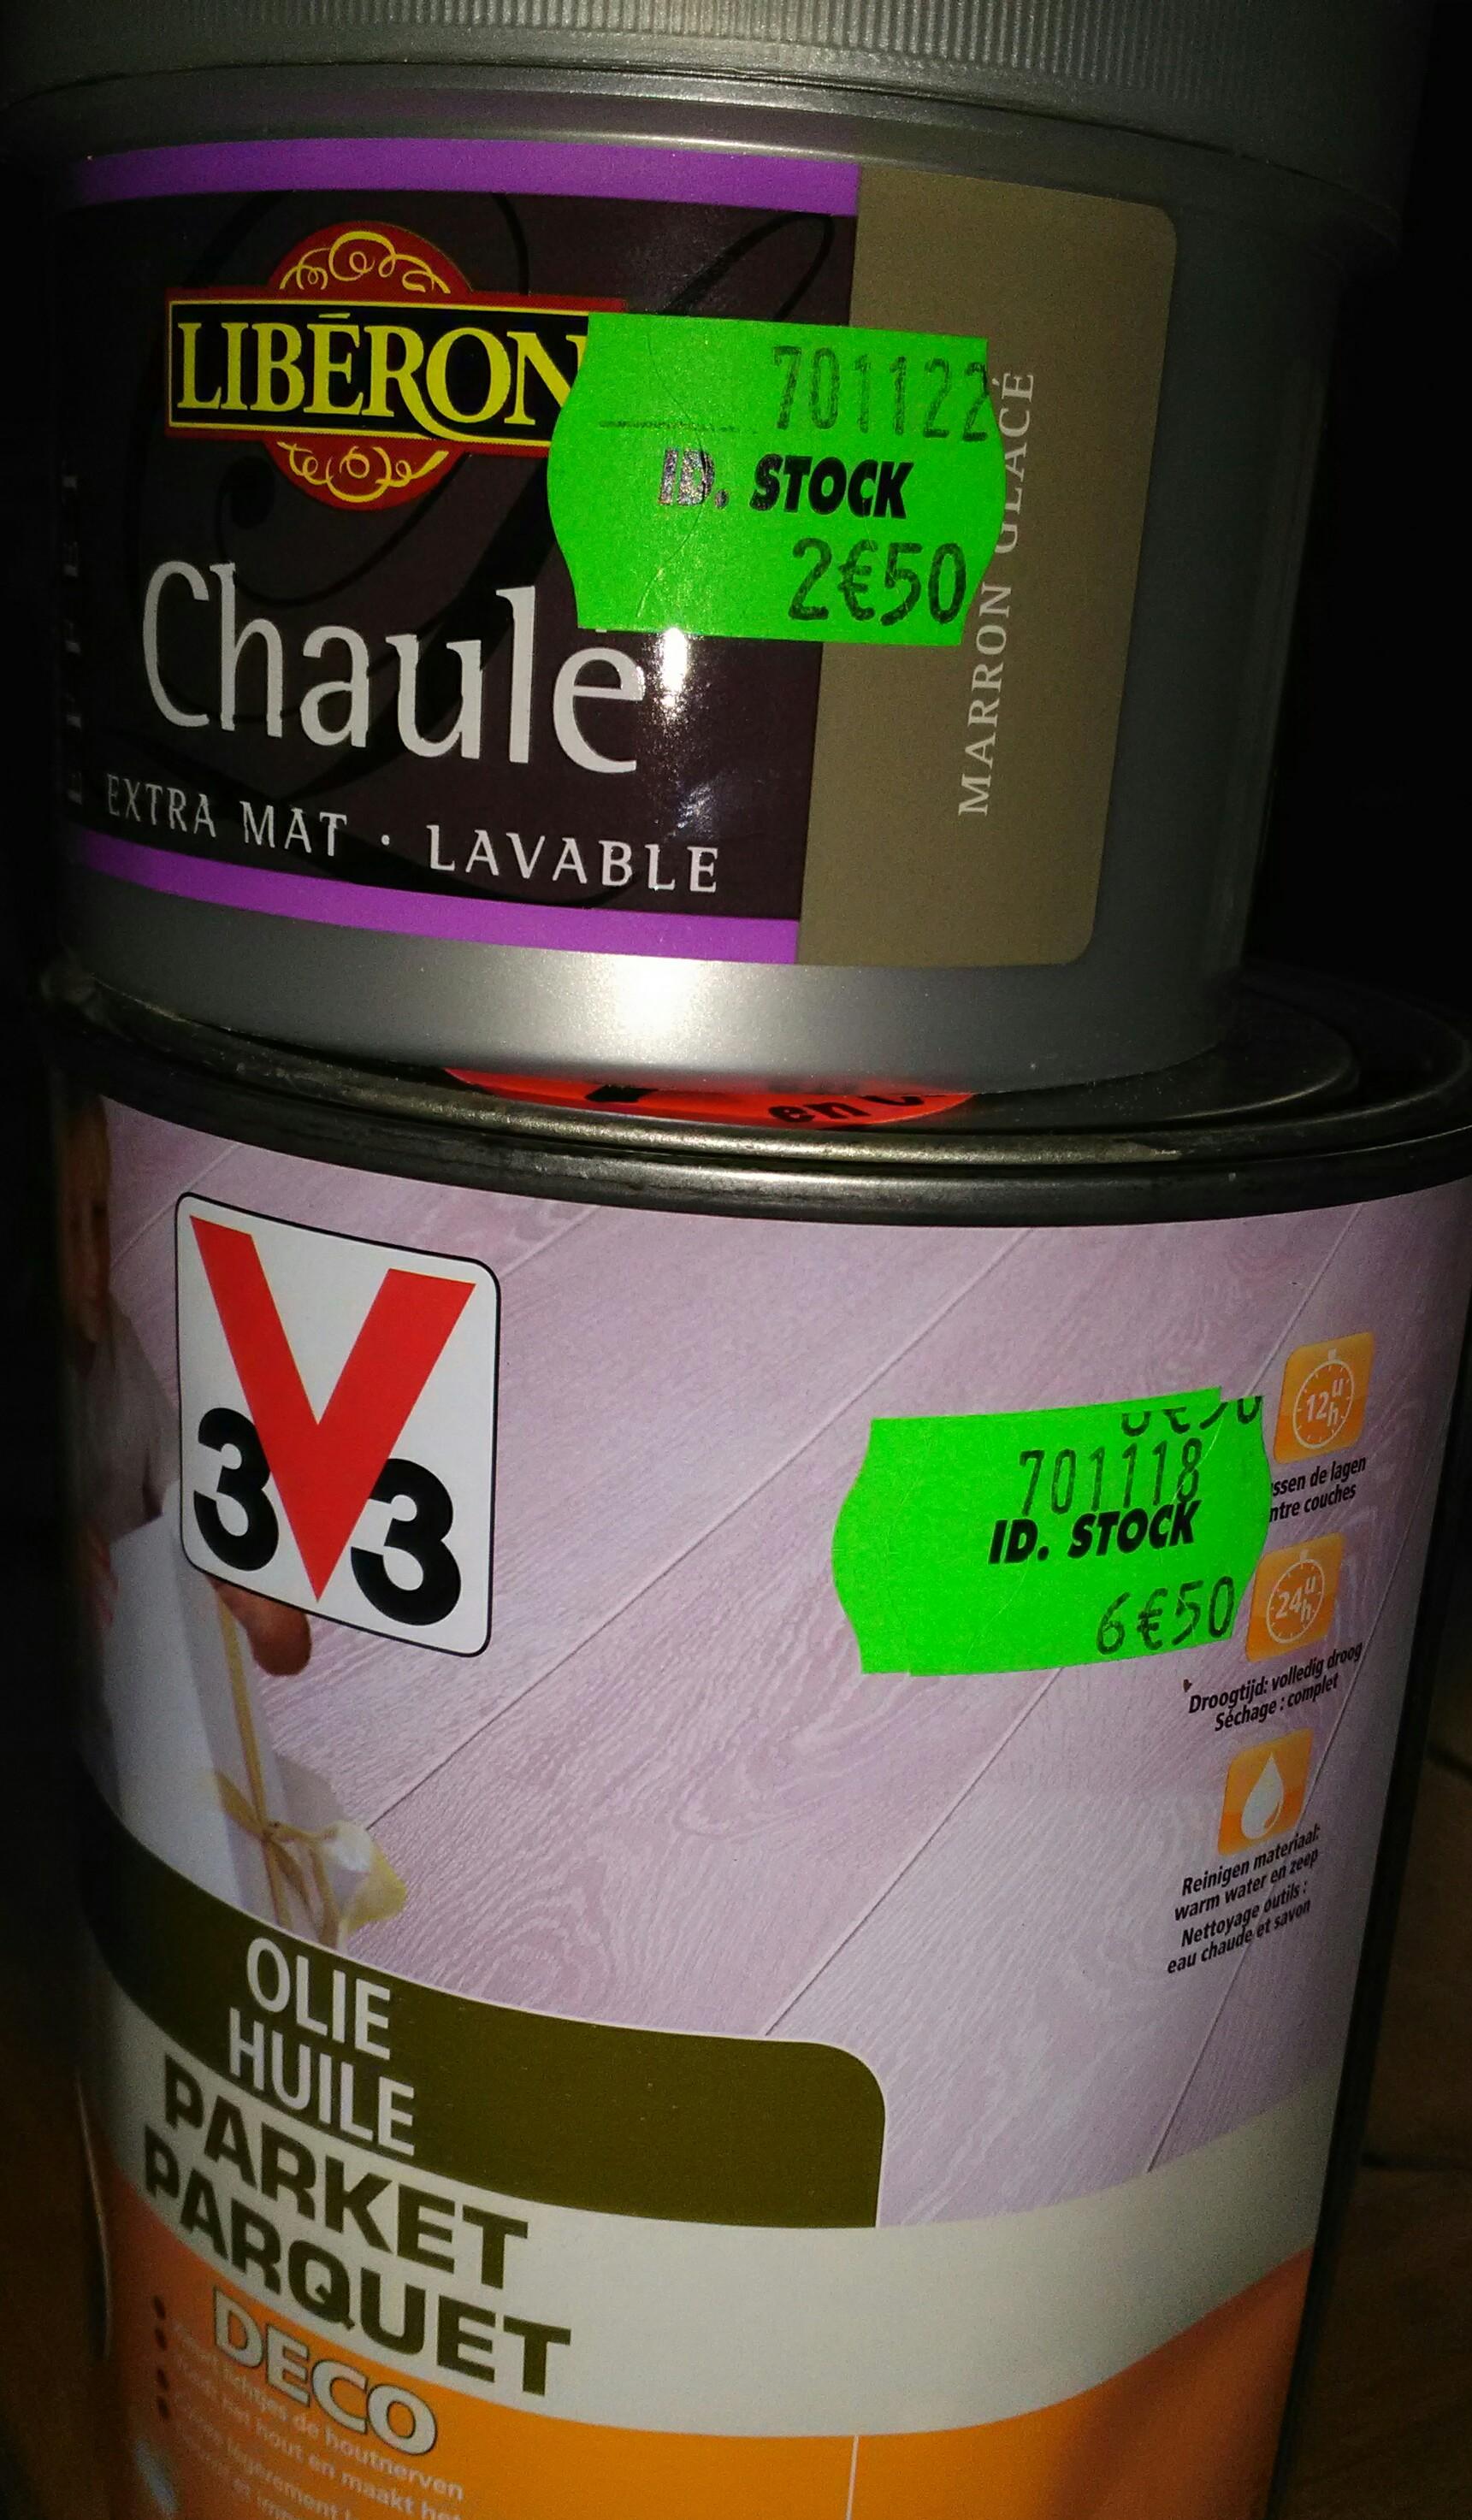 Sélection d'Huiles parquet V33 en promotion - Ex : Bidon d'huile parquet 3v3 Déco, IdStock Saint catherine les arras (62)